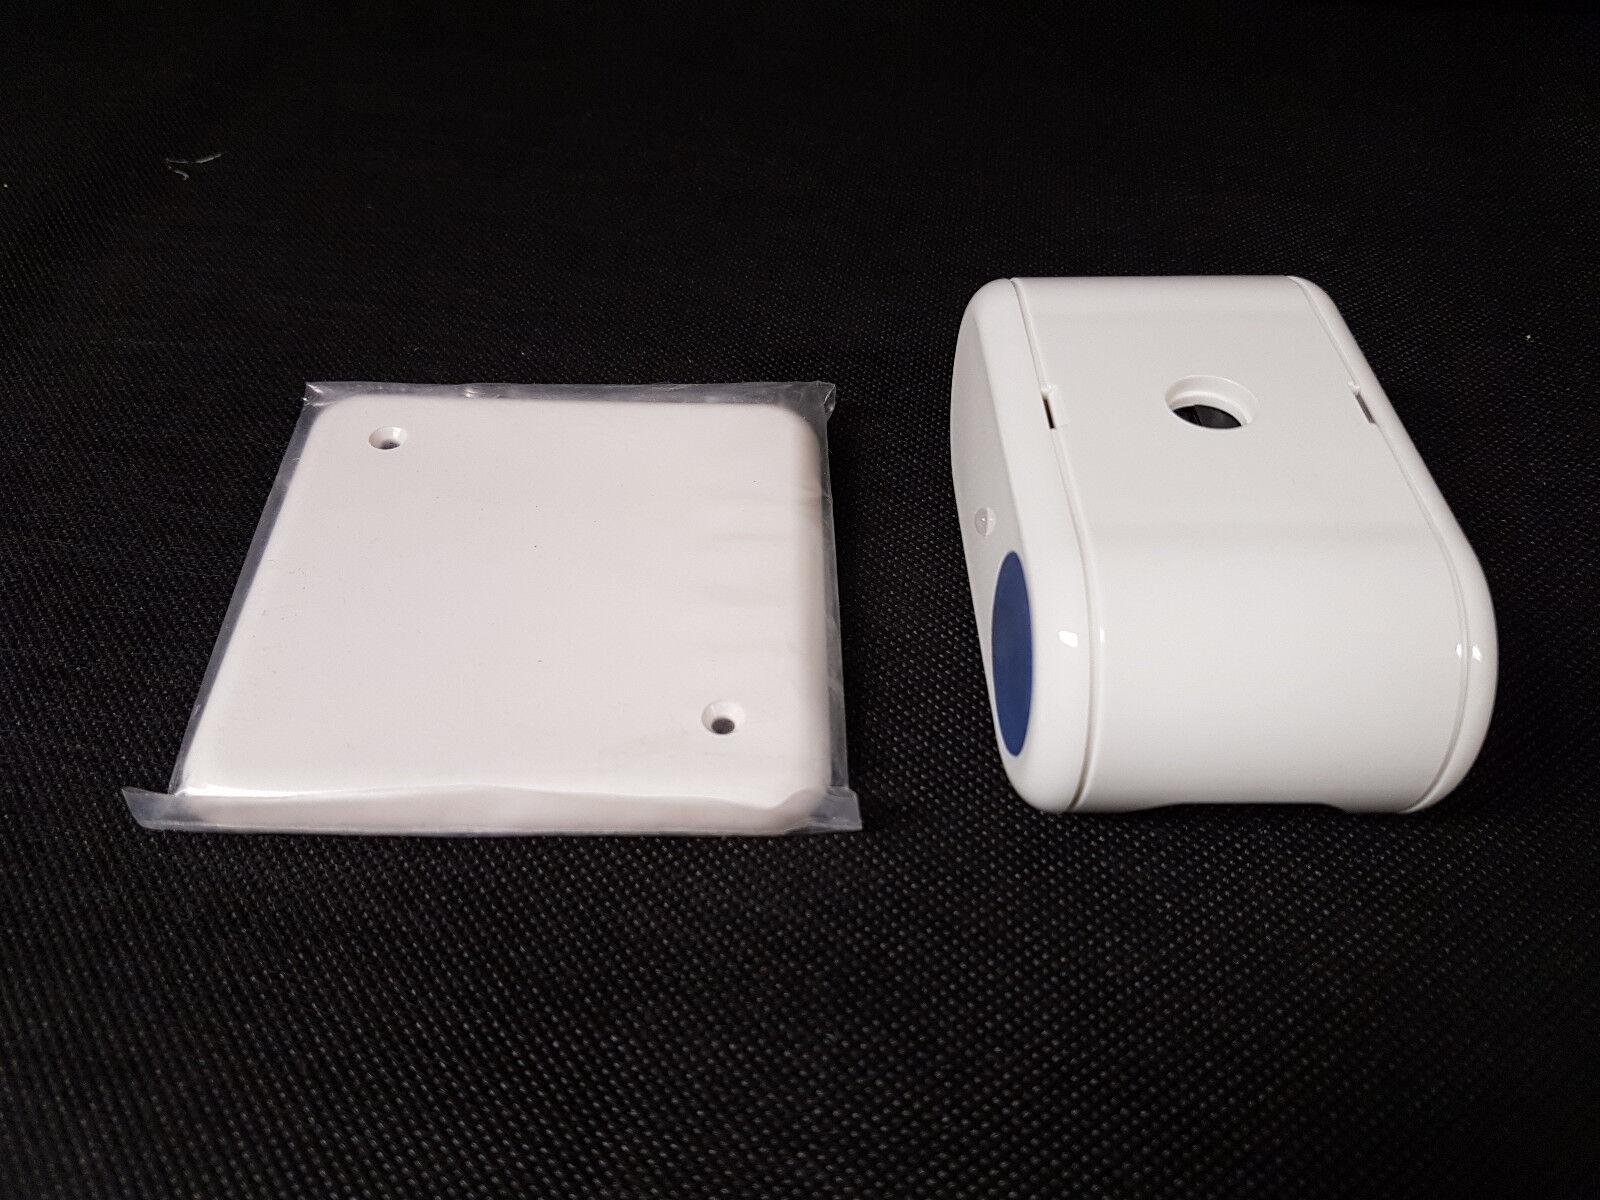 Aufrüstsatz WC-Spülauslösung Weiß Edition (Funk) 802.50.W060R